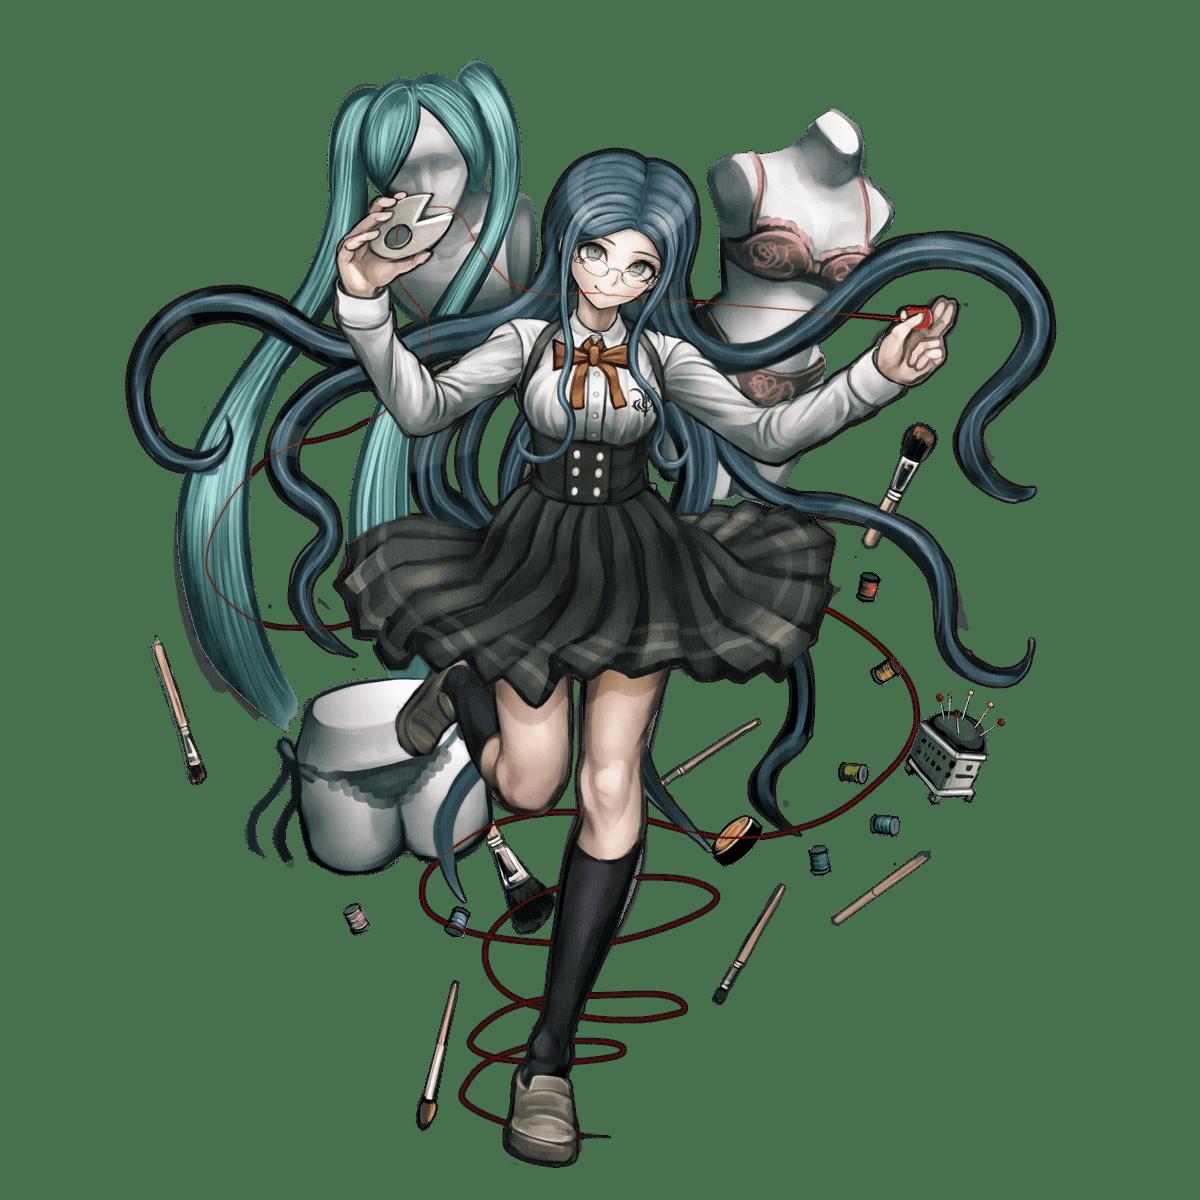 Danganronpa Ultra Despair Girls Cast Wallpaper Tsumugi Shirogane Danganronpa Wiki Fandom Powered By Wikia